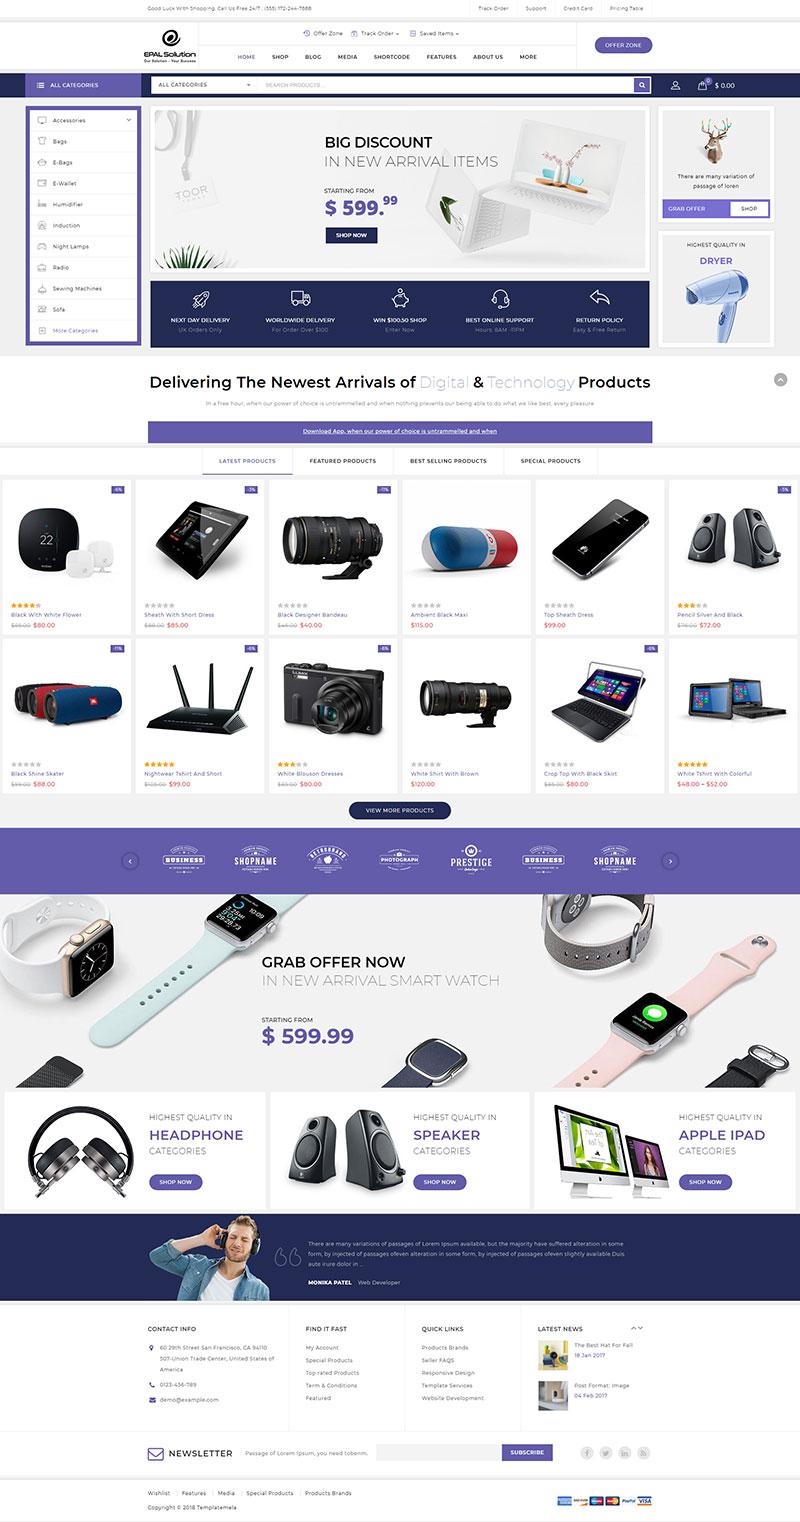 Mẫu web thương mại điện tử / T2002